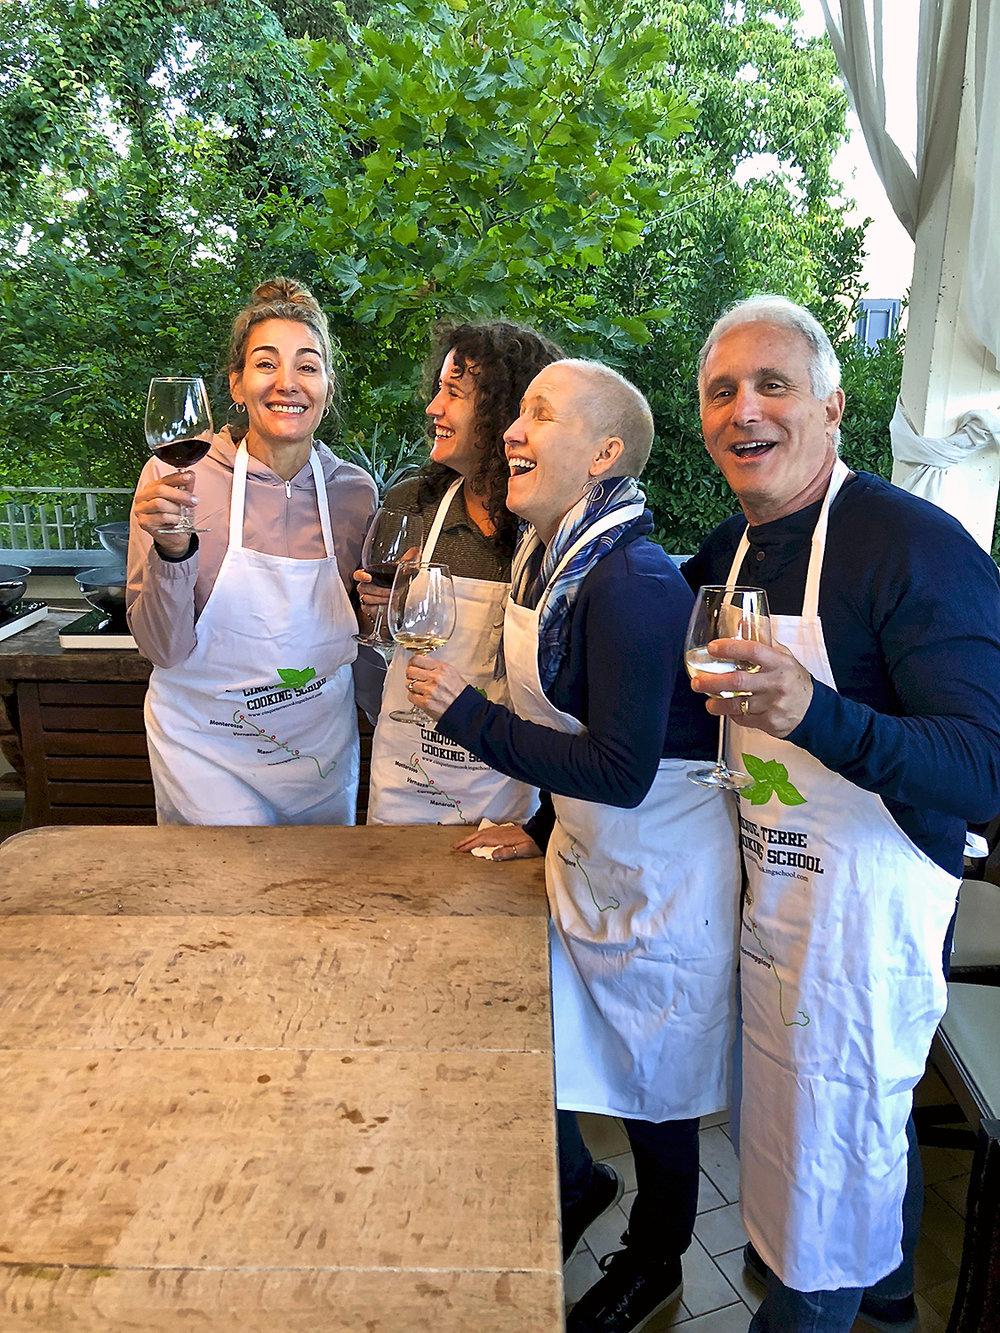 2018 ITALY_cinque terre_monterossa_pesto_lisa dana sara dave laughing.jpg